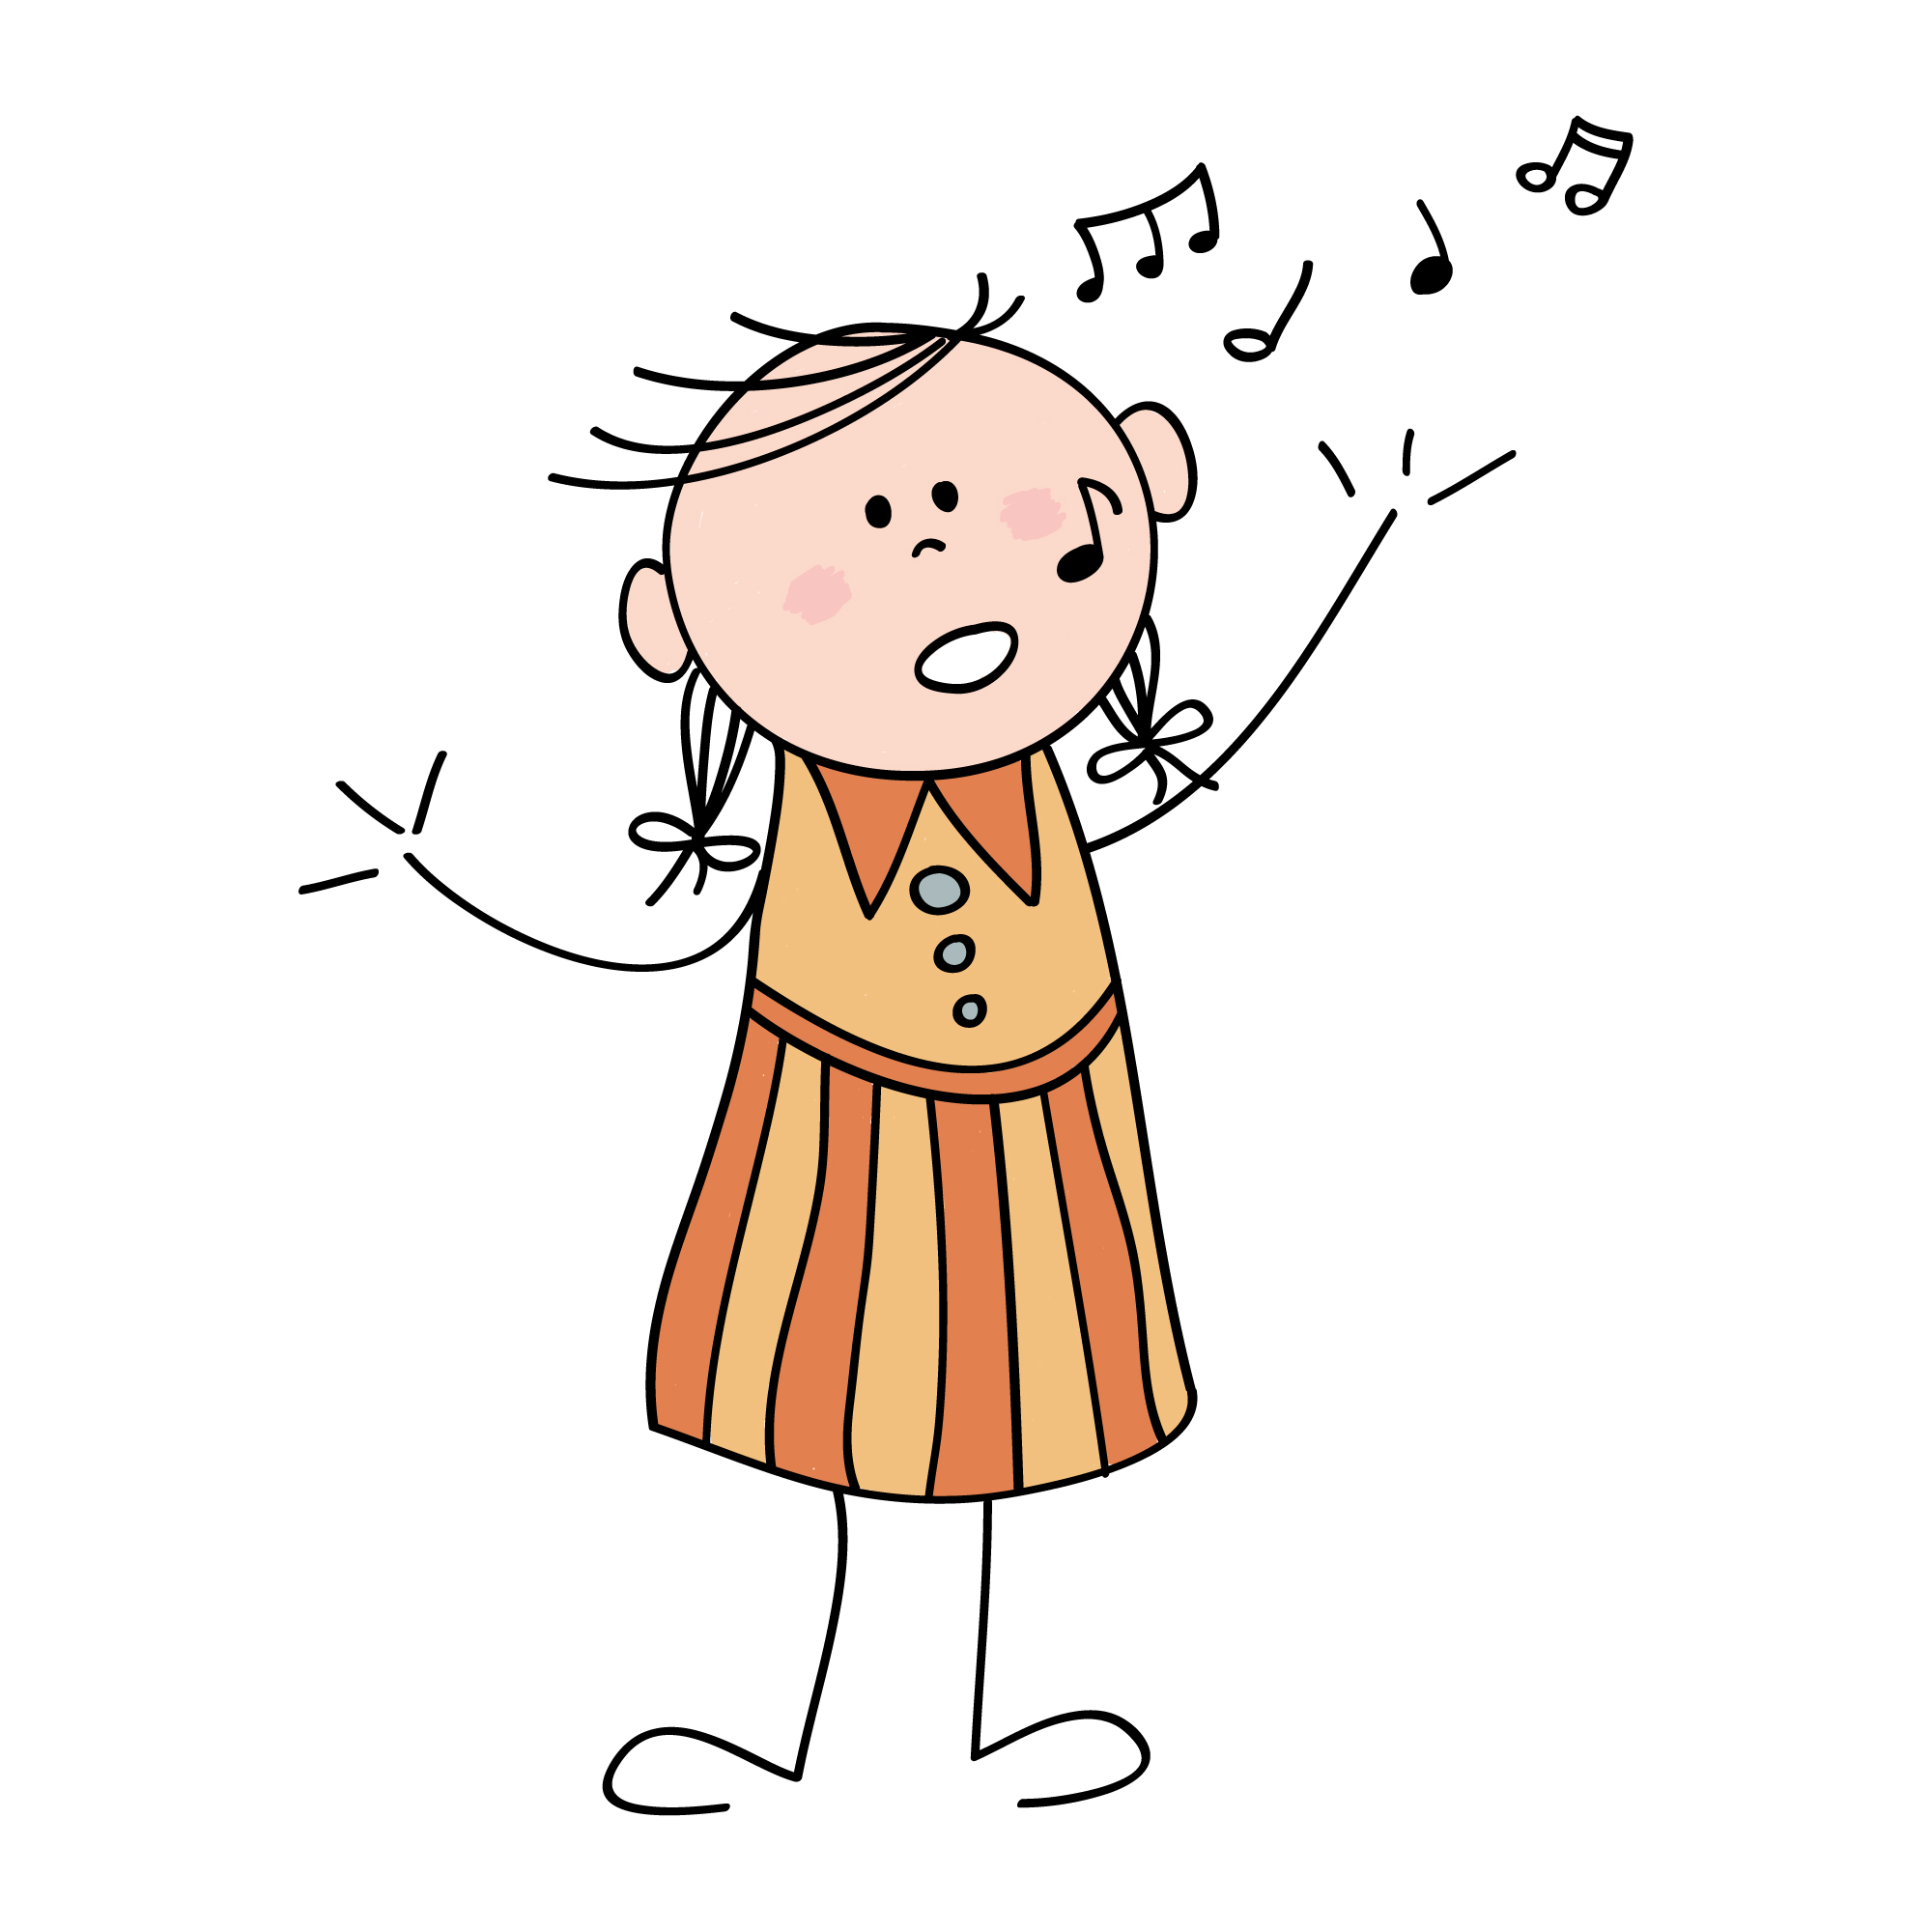 hight resolution of opera singing